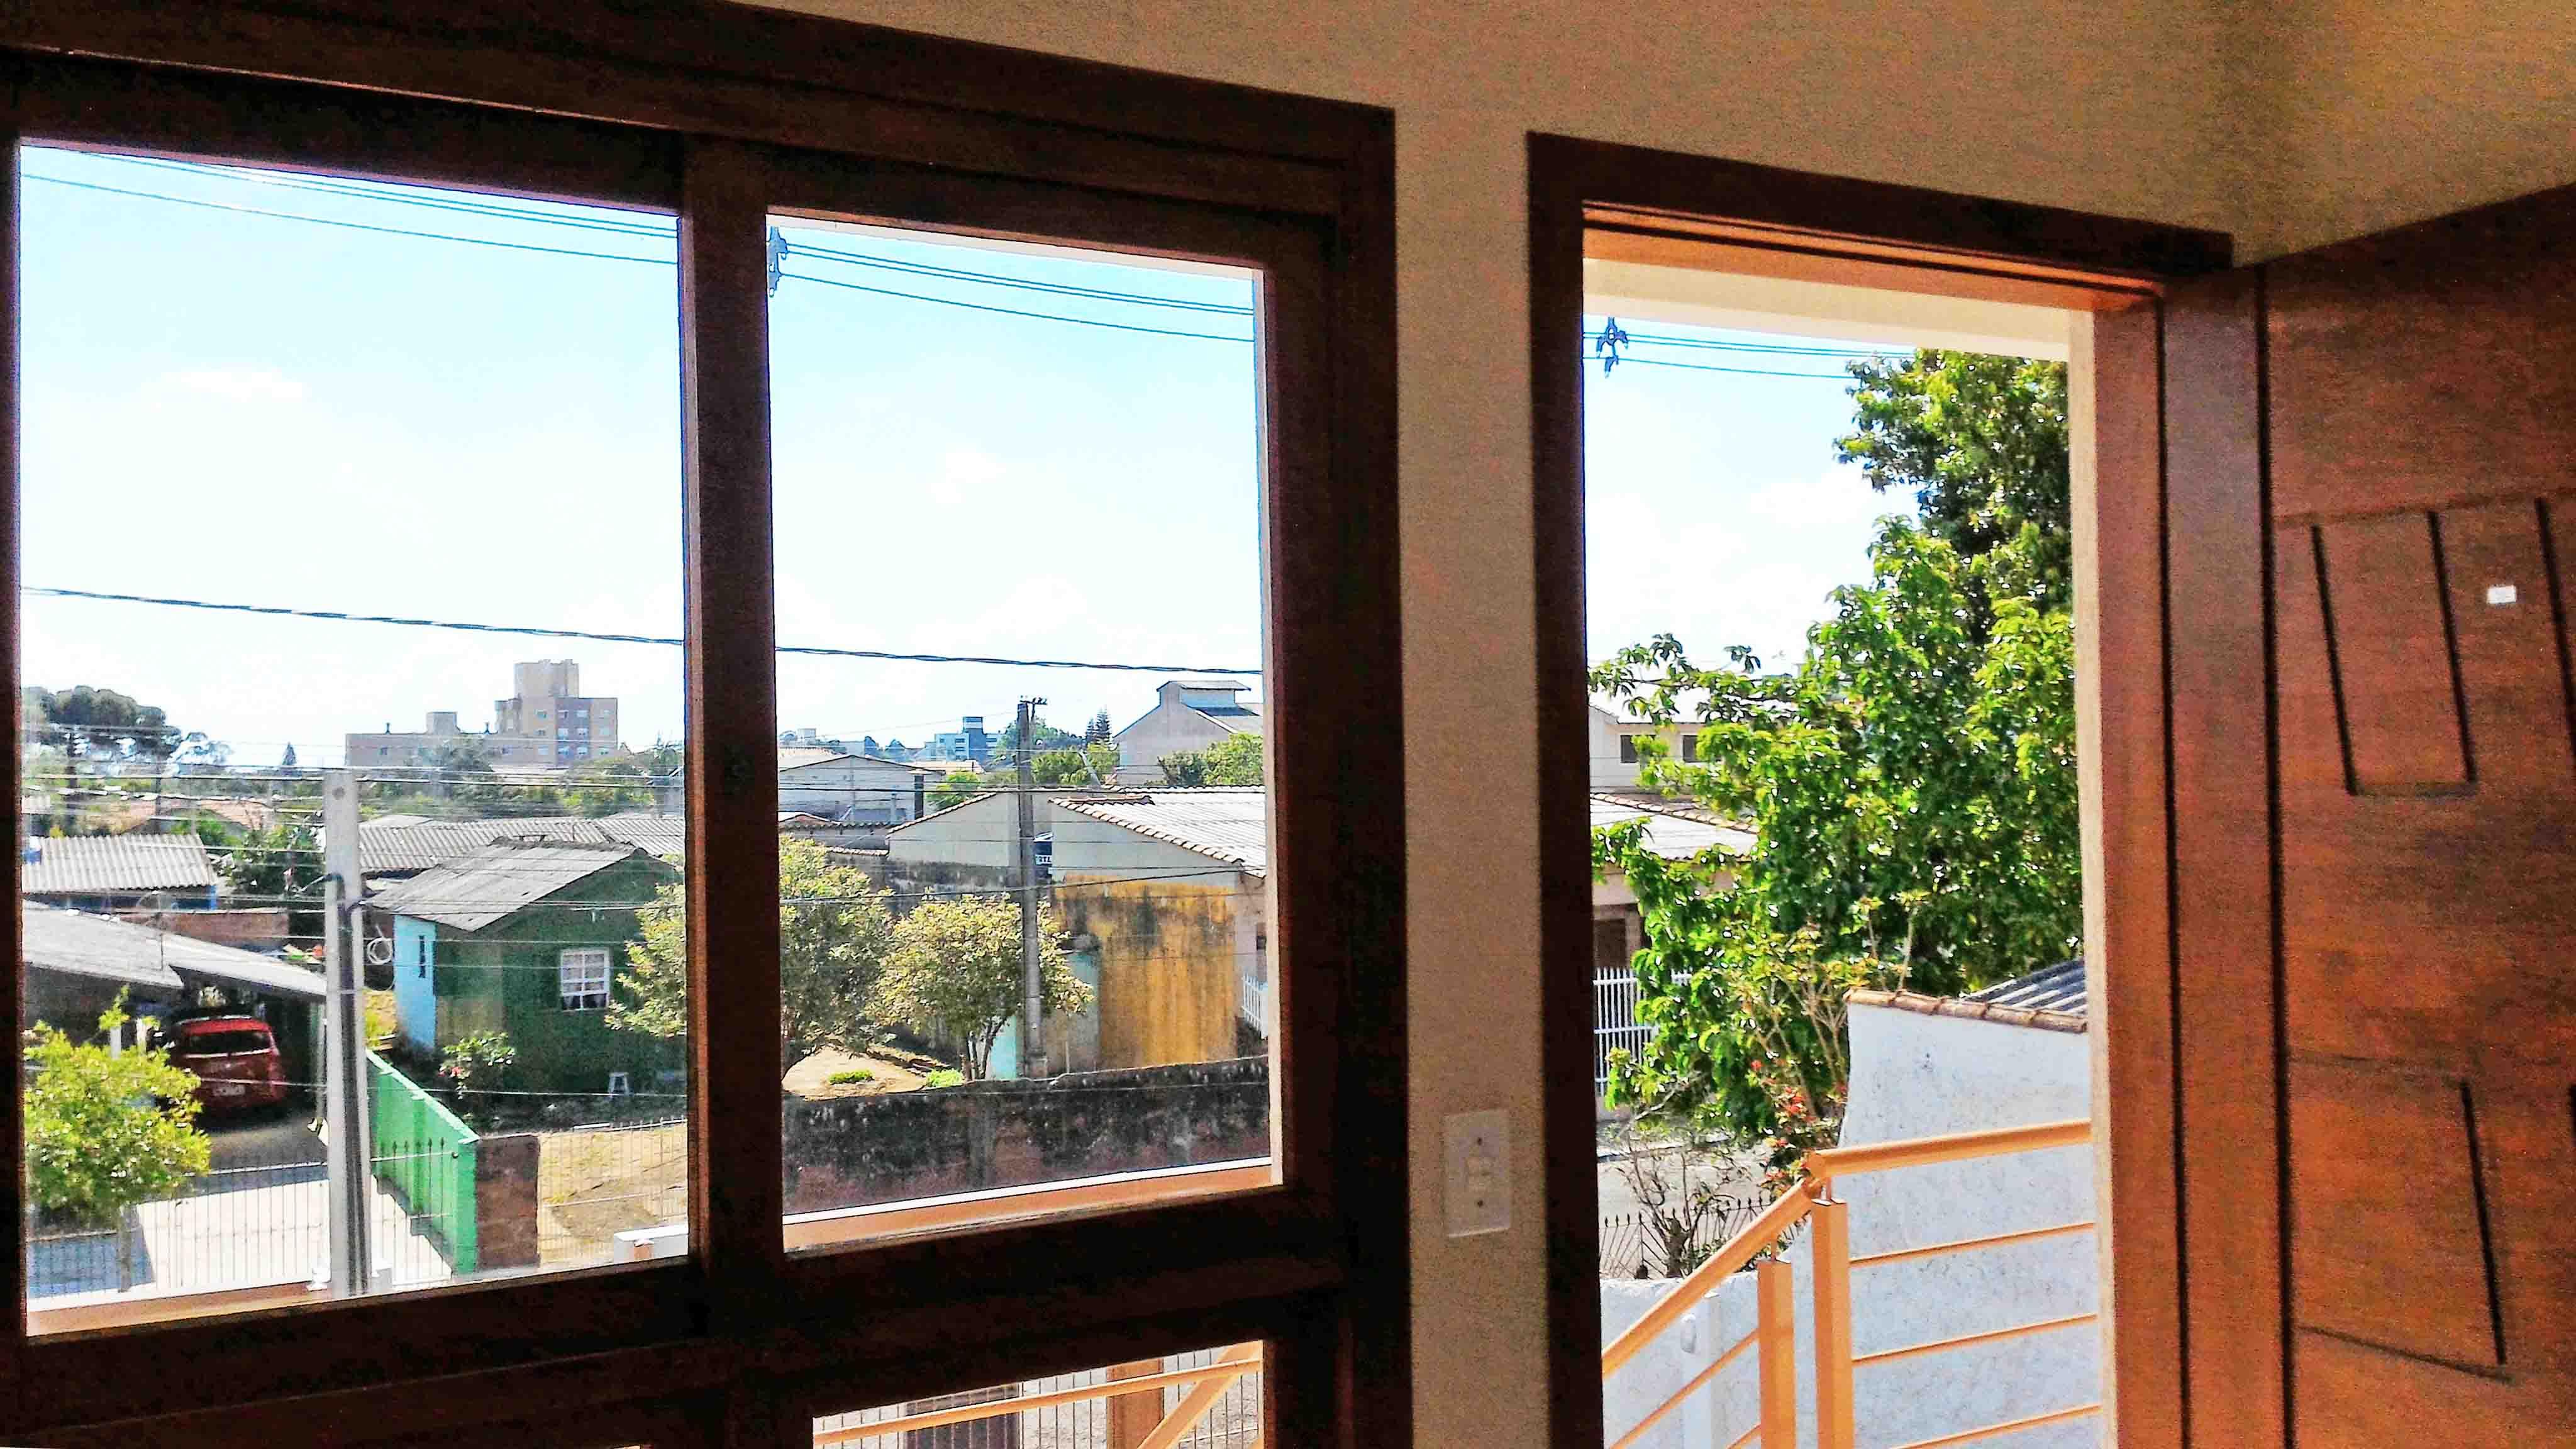 Ap202-porta-e-janela-da-sala